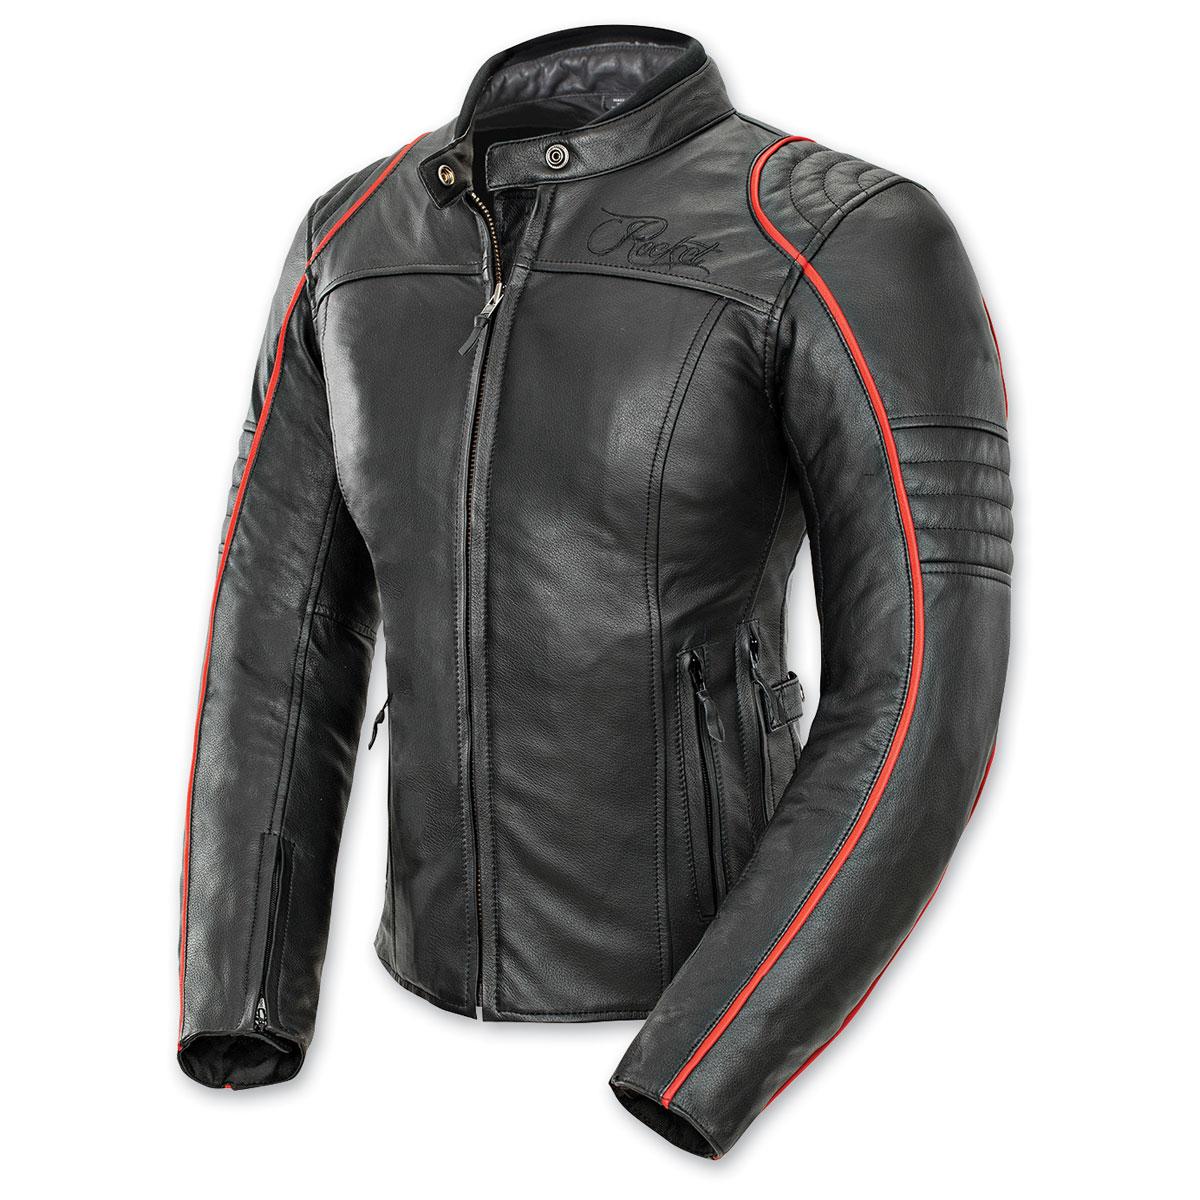 8545ee3394d4 Joe Rocket Women's Lira Black/Red Leather Jacket - 1780-2104 ...